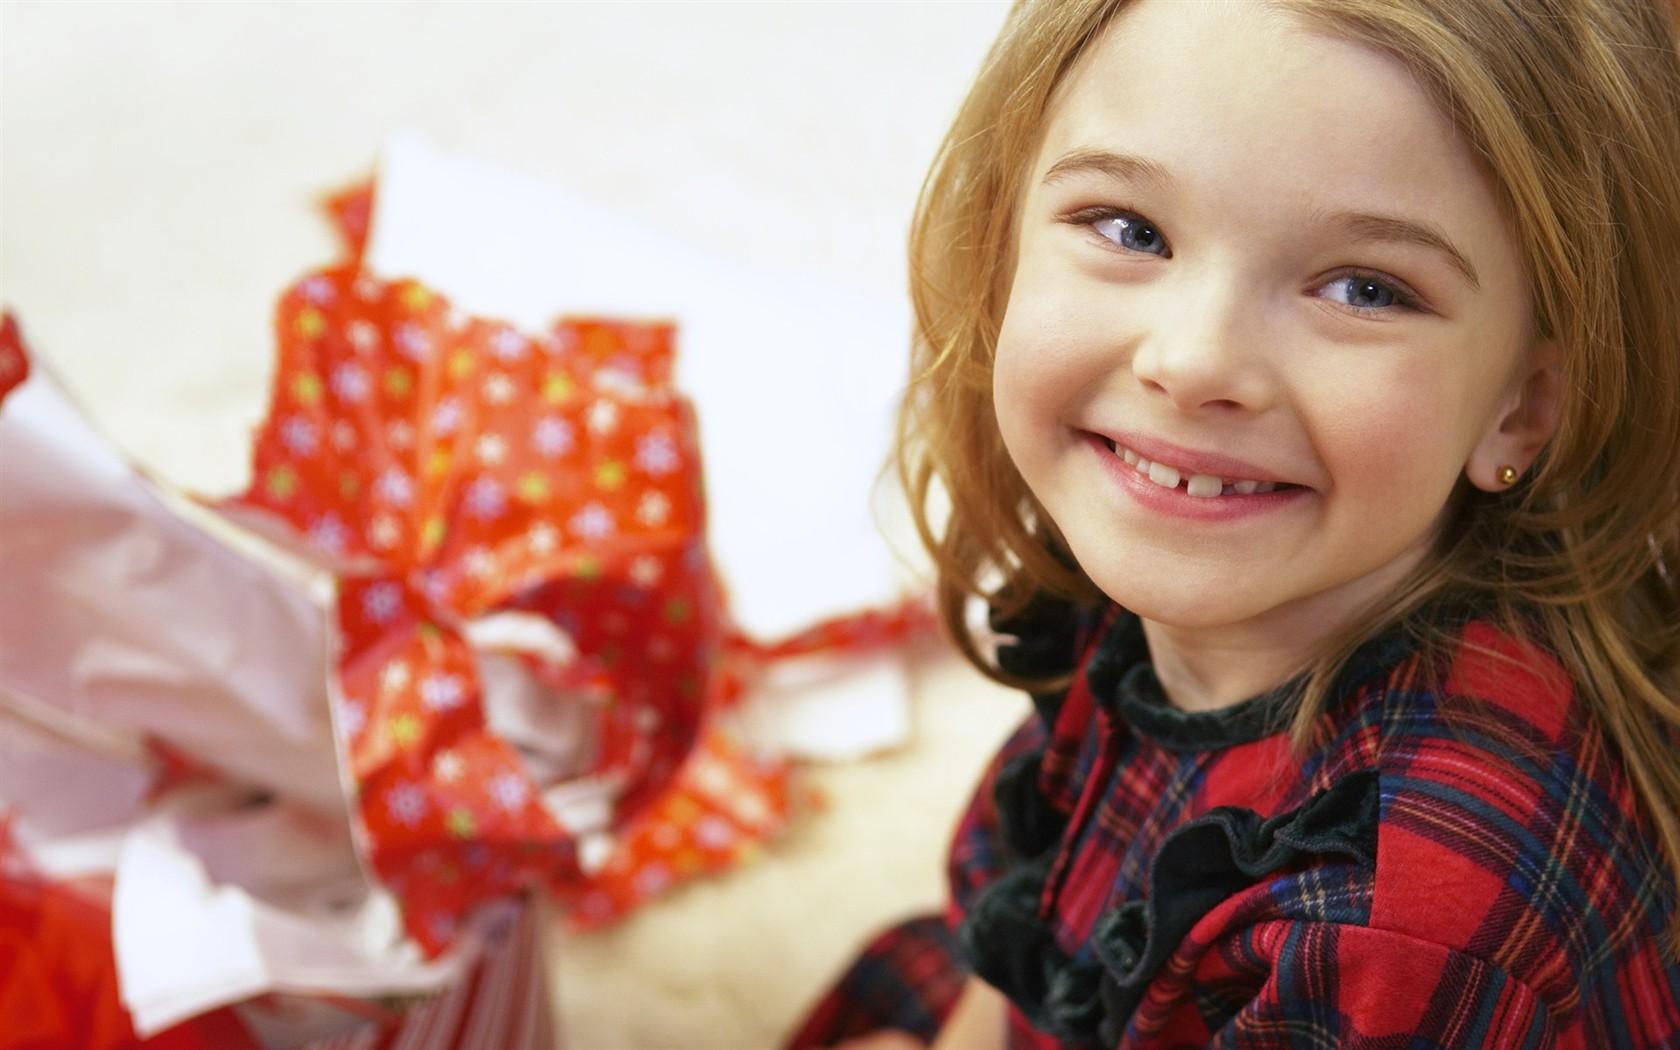 Что подарить девочке 13 лет. Как выбрать подарок 19